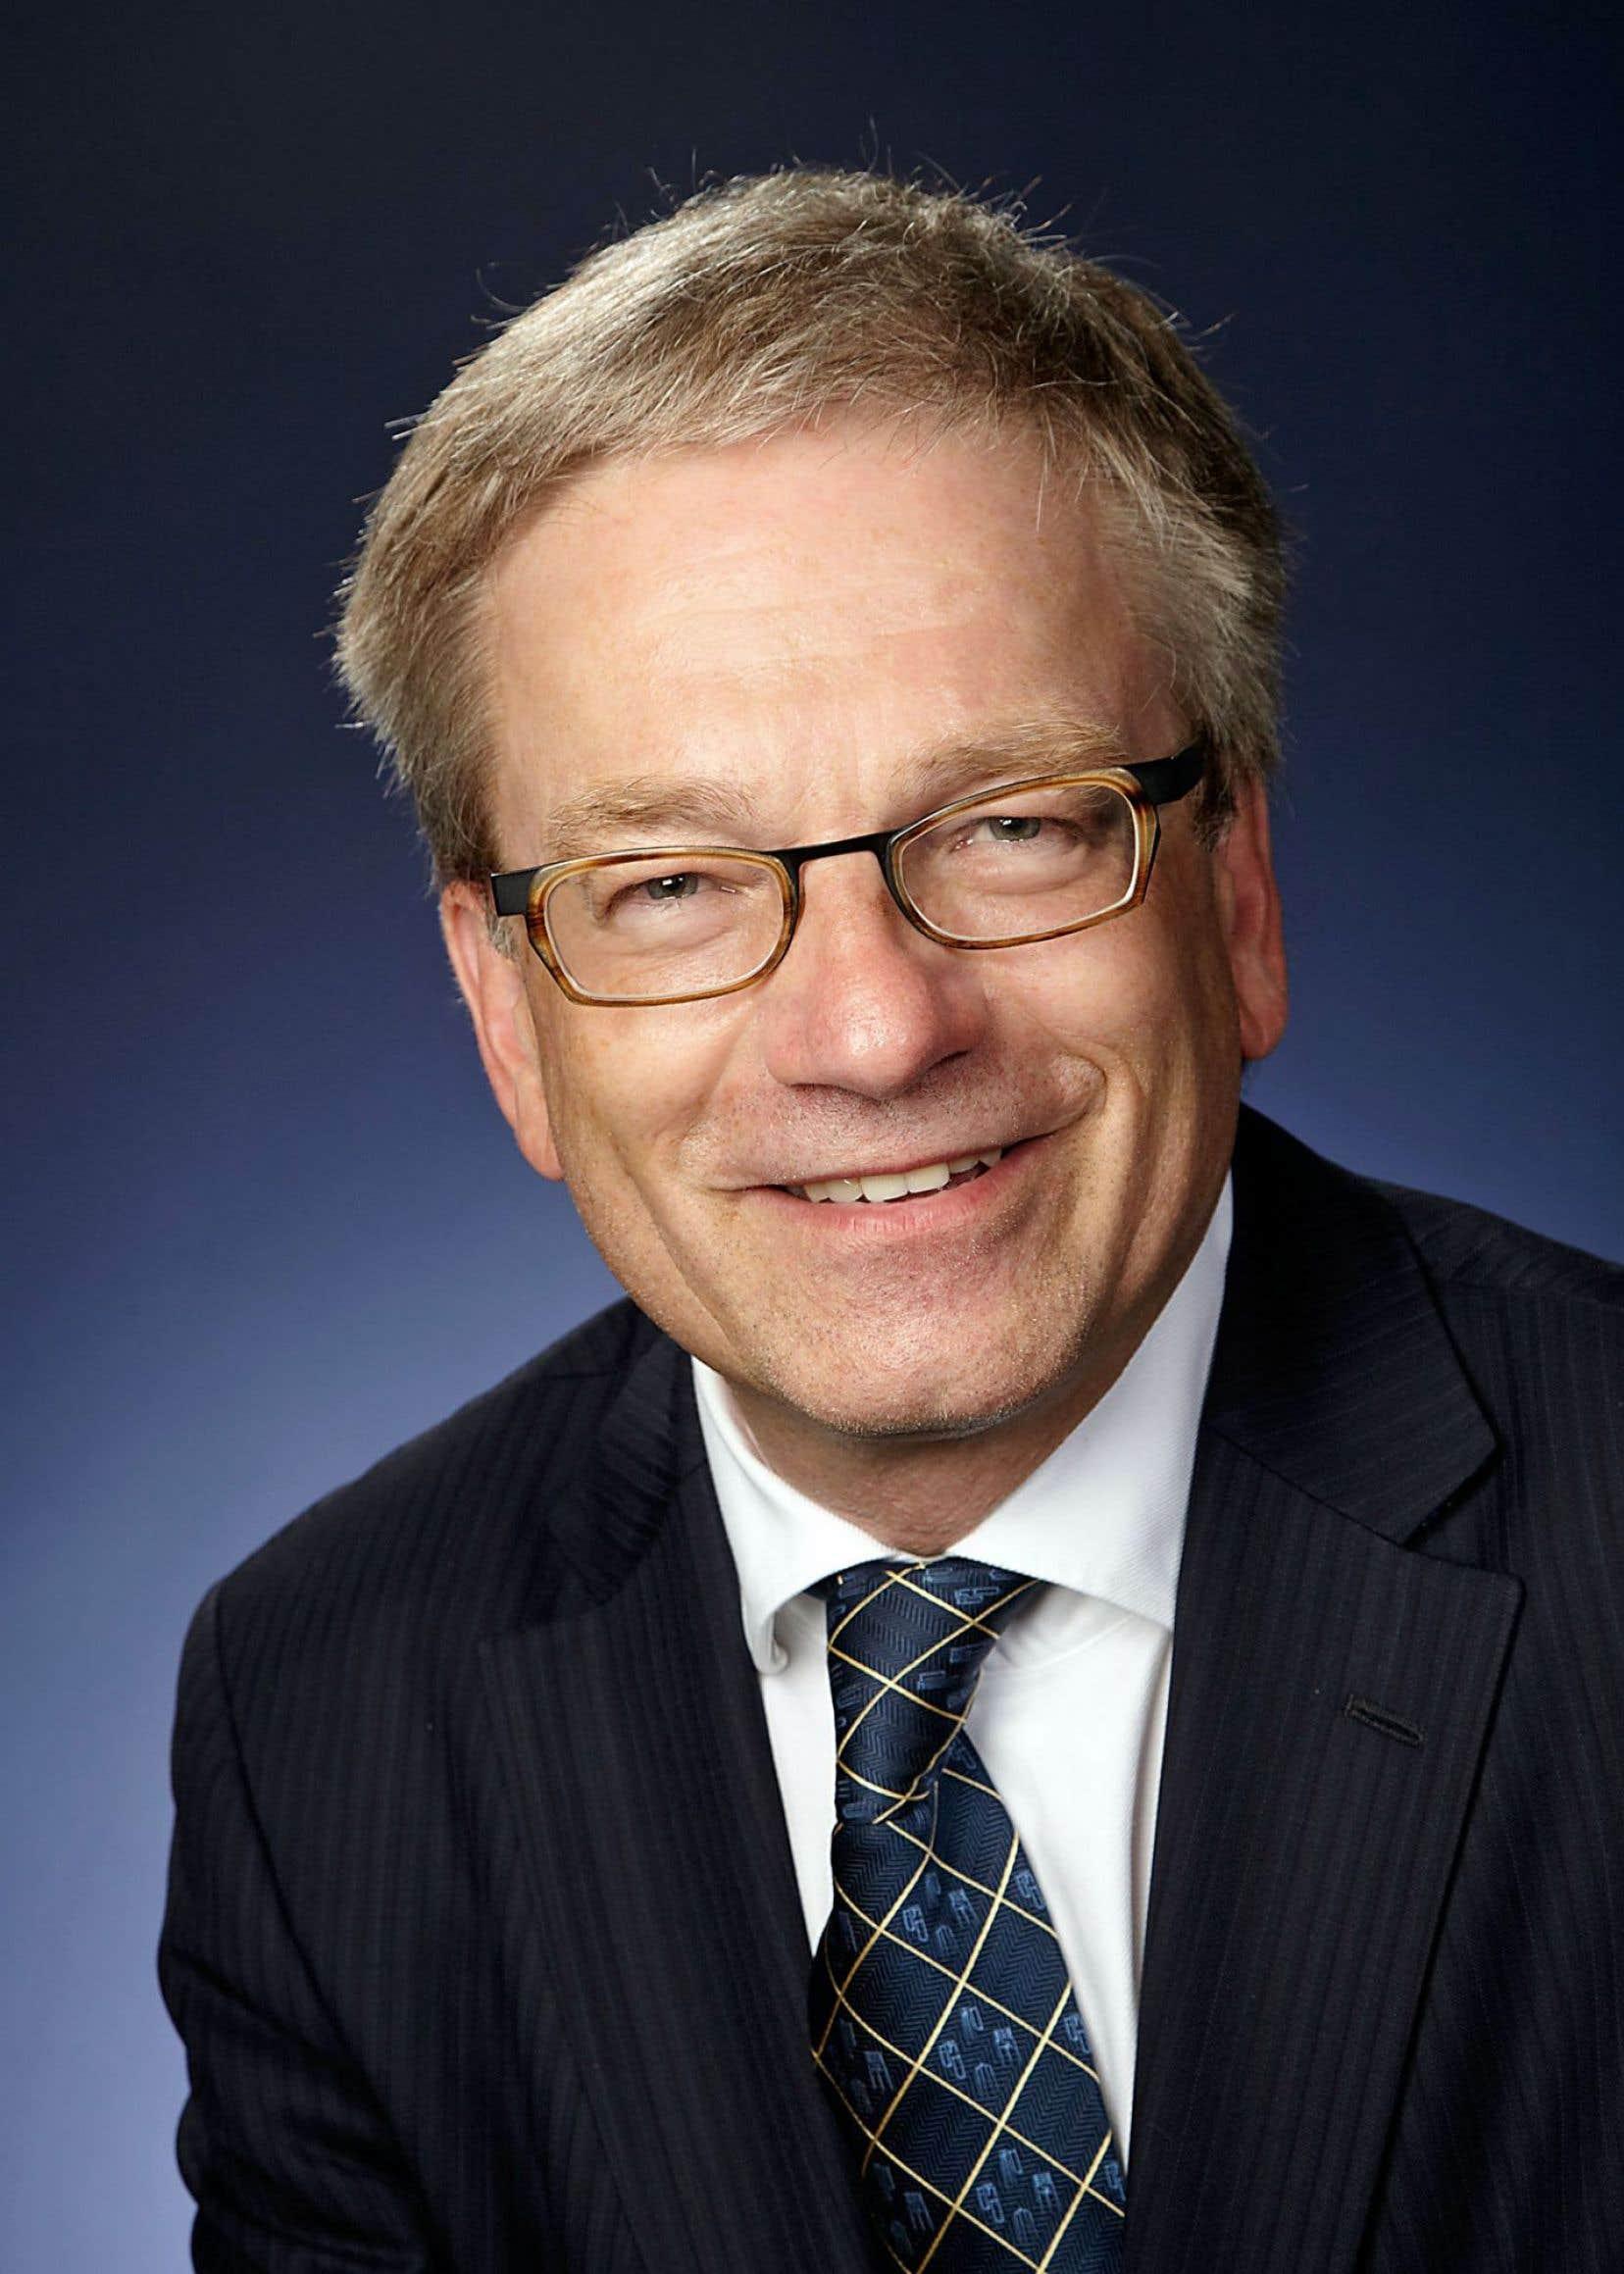 Le président d'honneur du 83eCongrès de l'Acfas, le scientifique en chef du Québec, Rémi Quirion